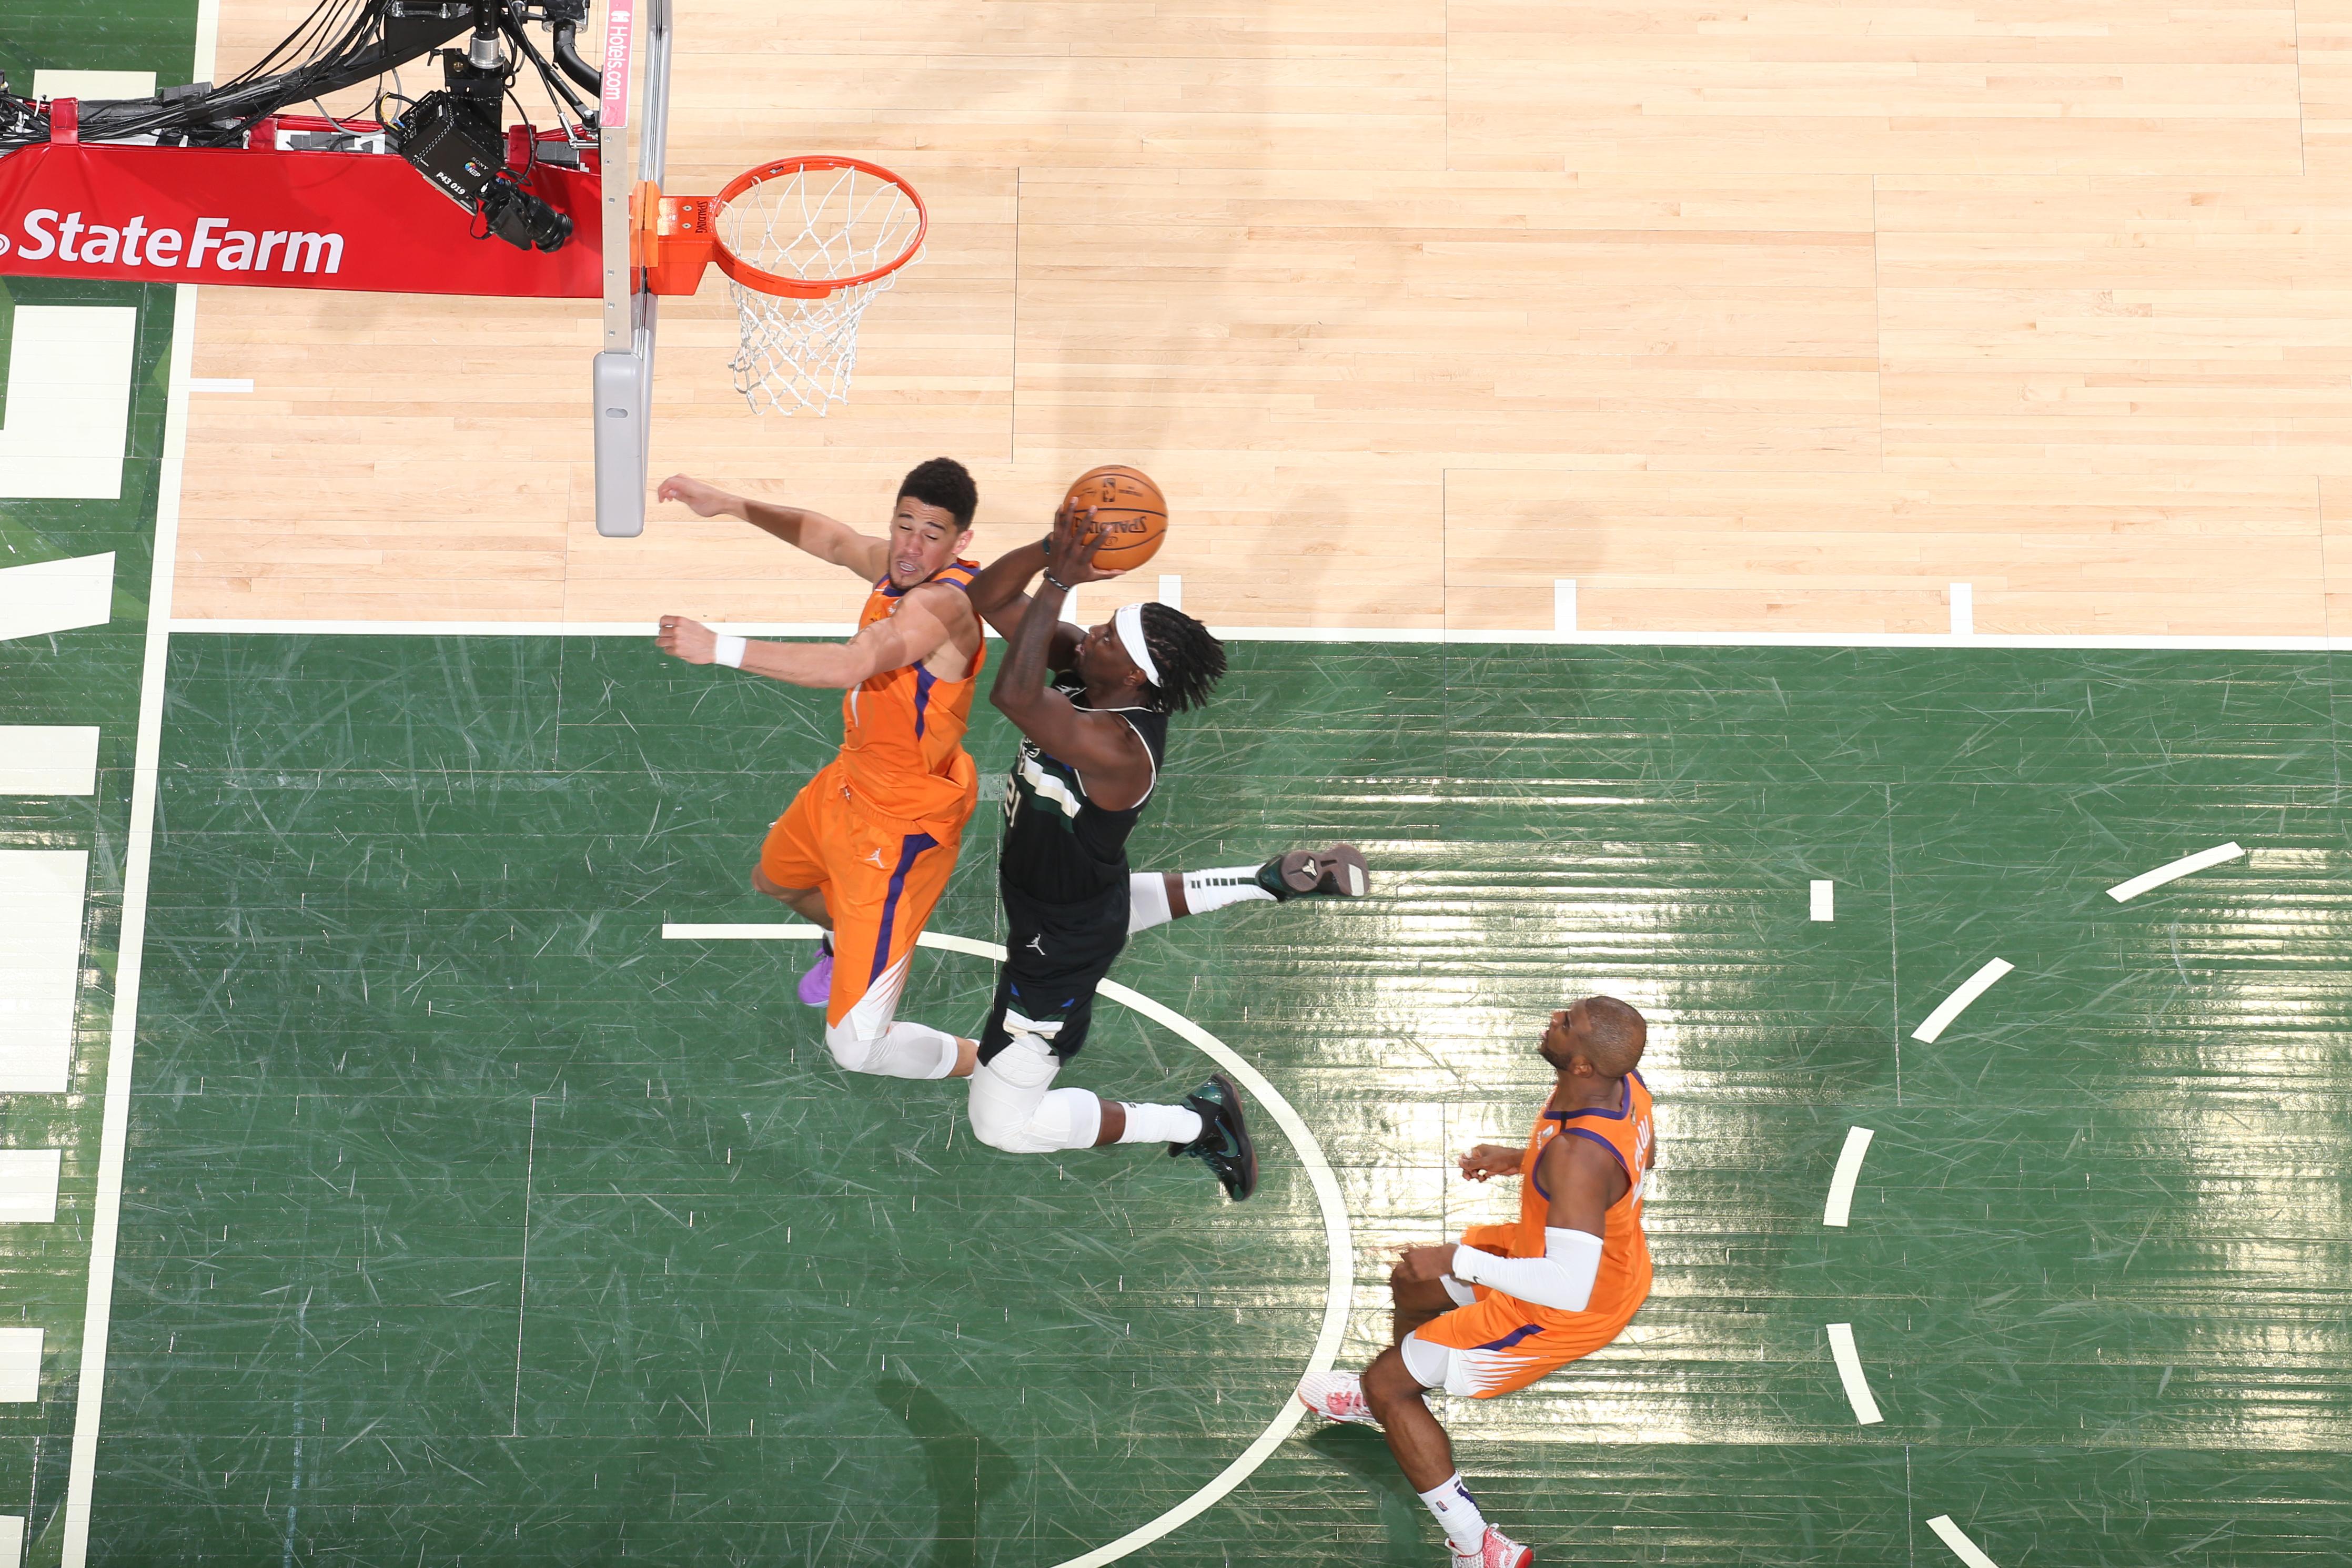 霍勒迪突破保罗和布克,冲击篮筐。